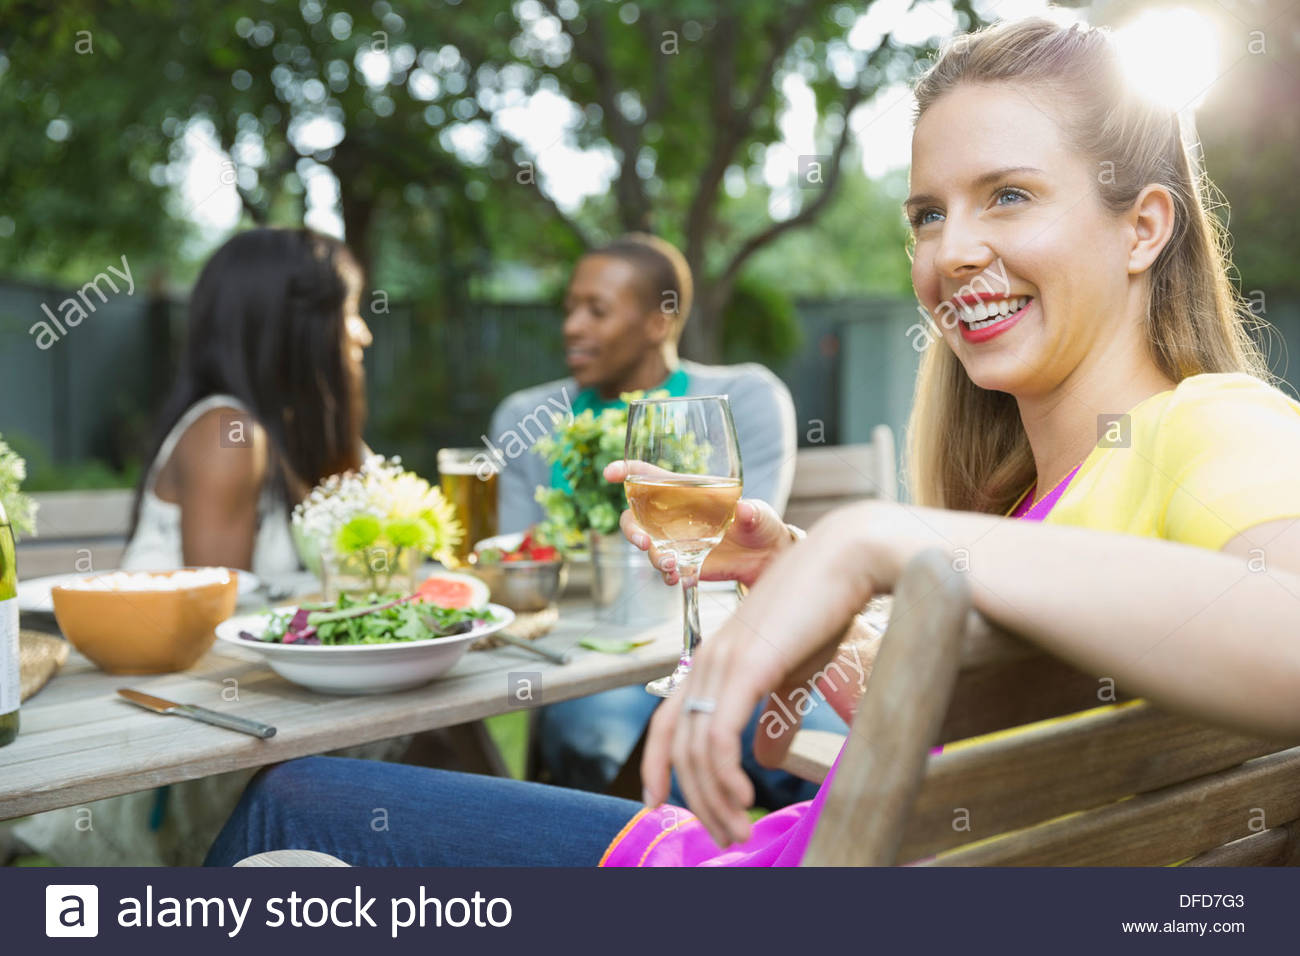 Smiling woman having meal avec des amis à l'extérieur Photo Stock